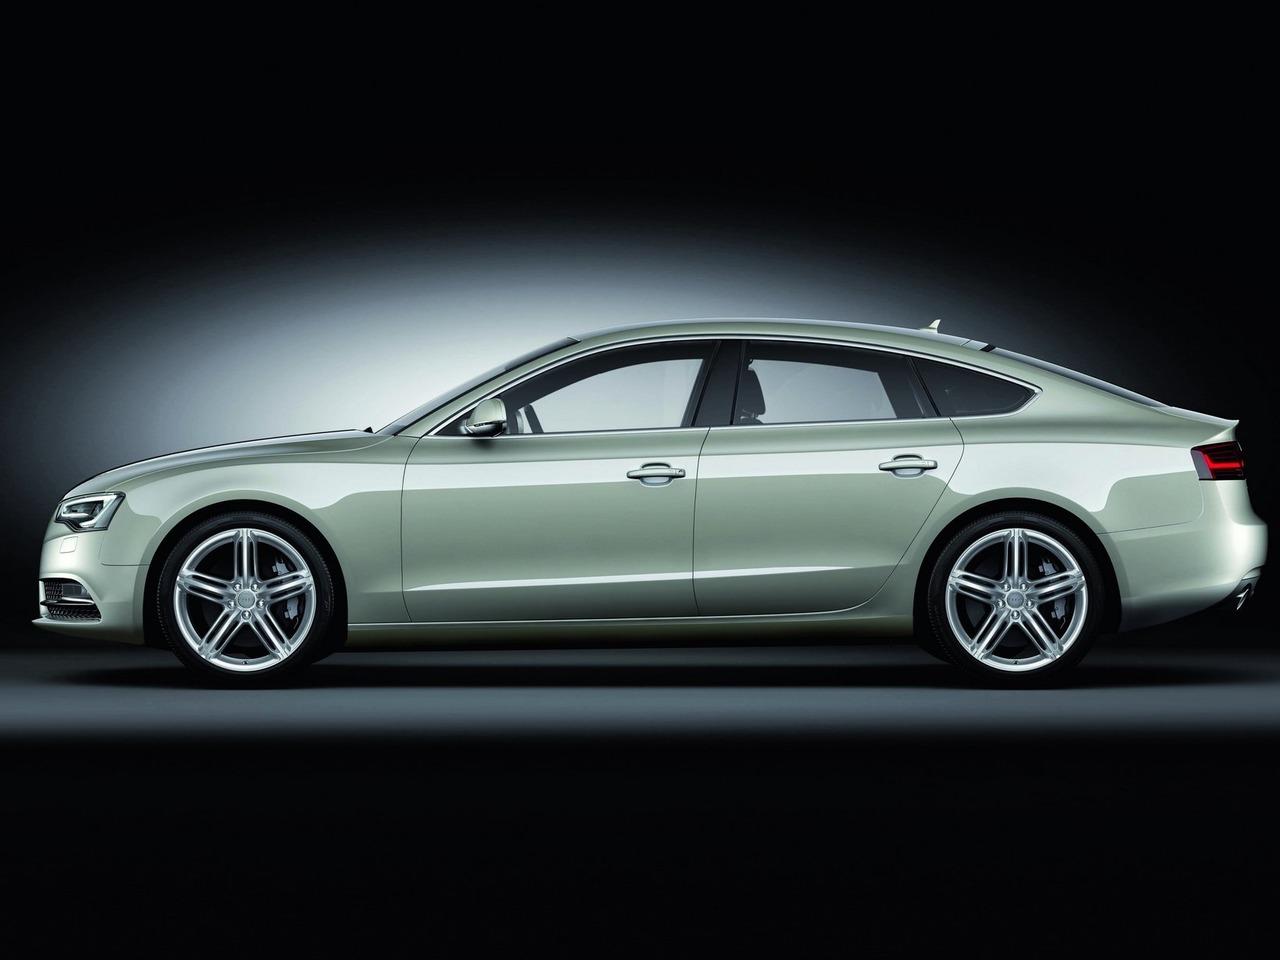 Снимки: Audi A5 Sportback Facelift 2011